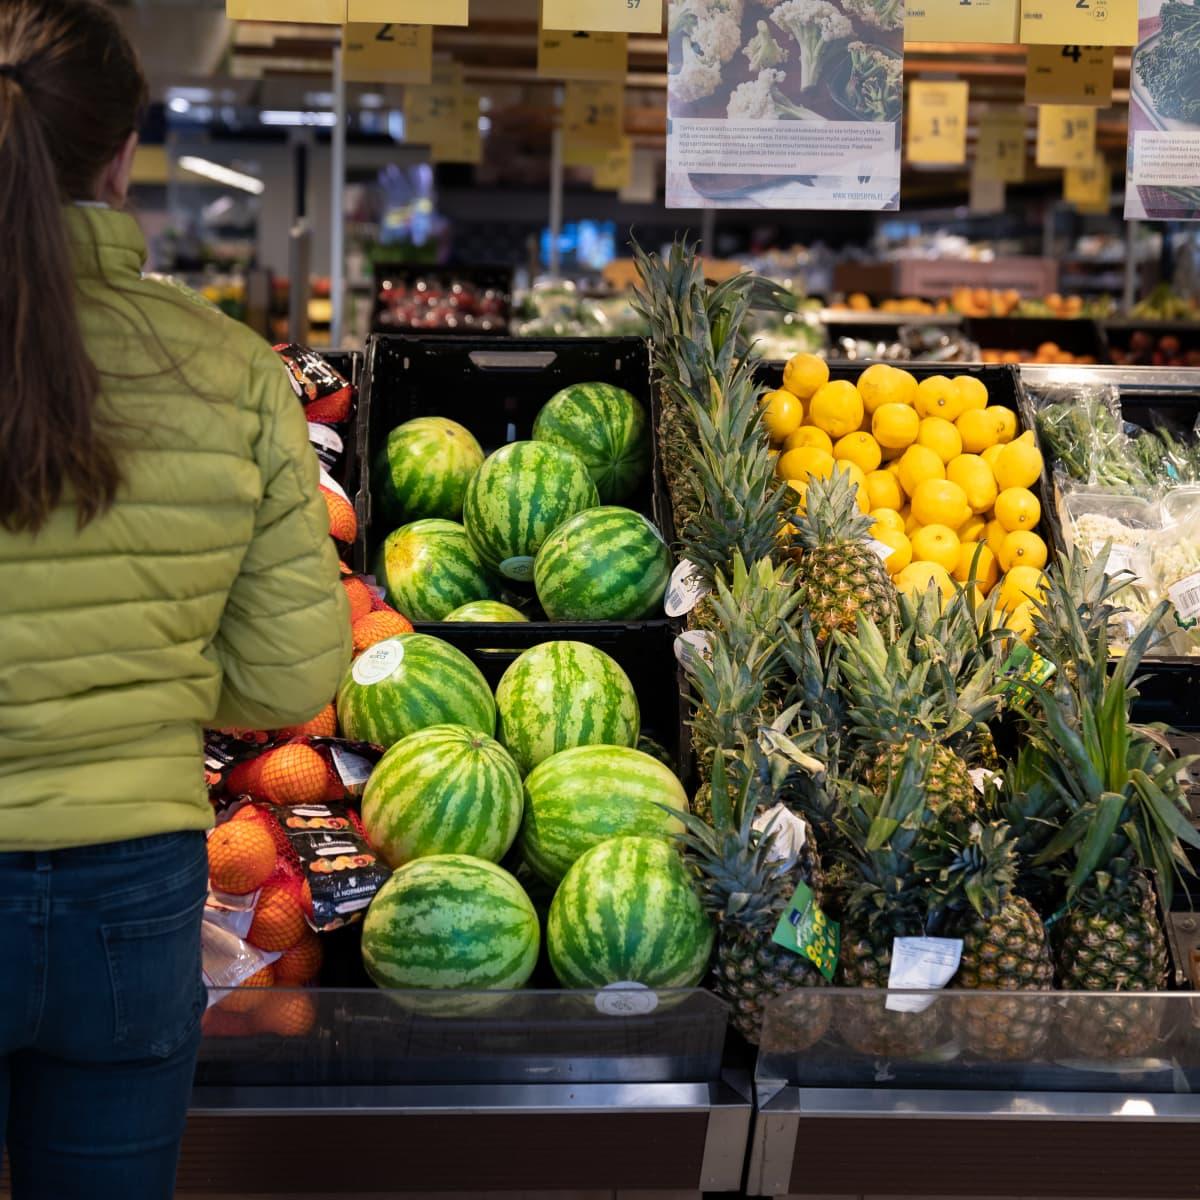 Anonyymi nainen ruokakaupan hedelmäosastolla valitsemassa tuotteita.